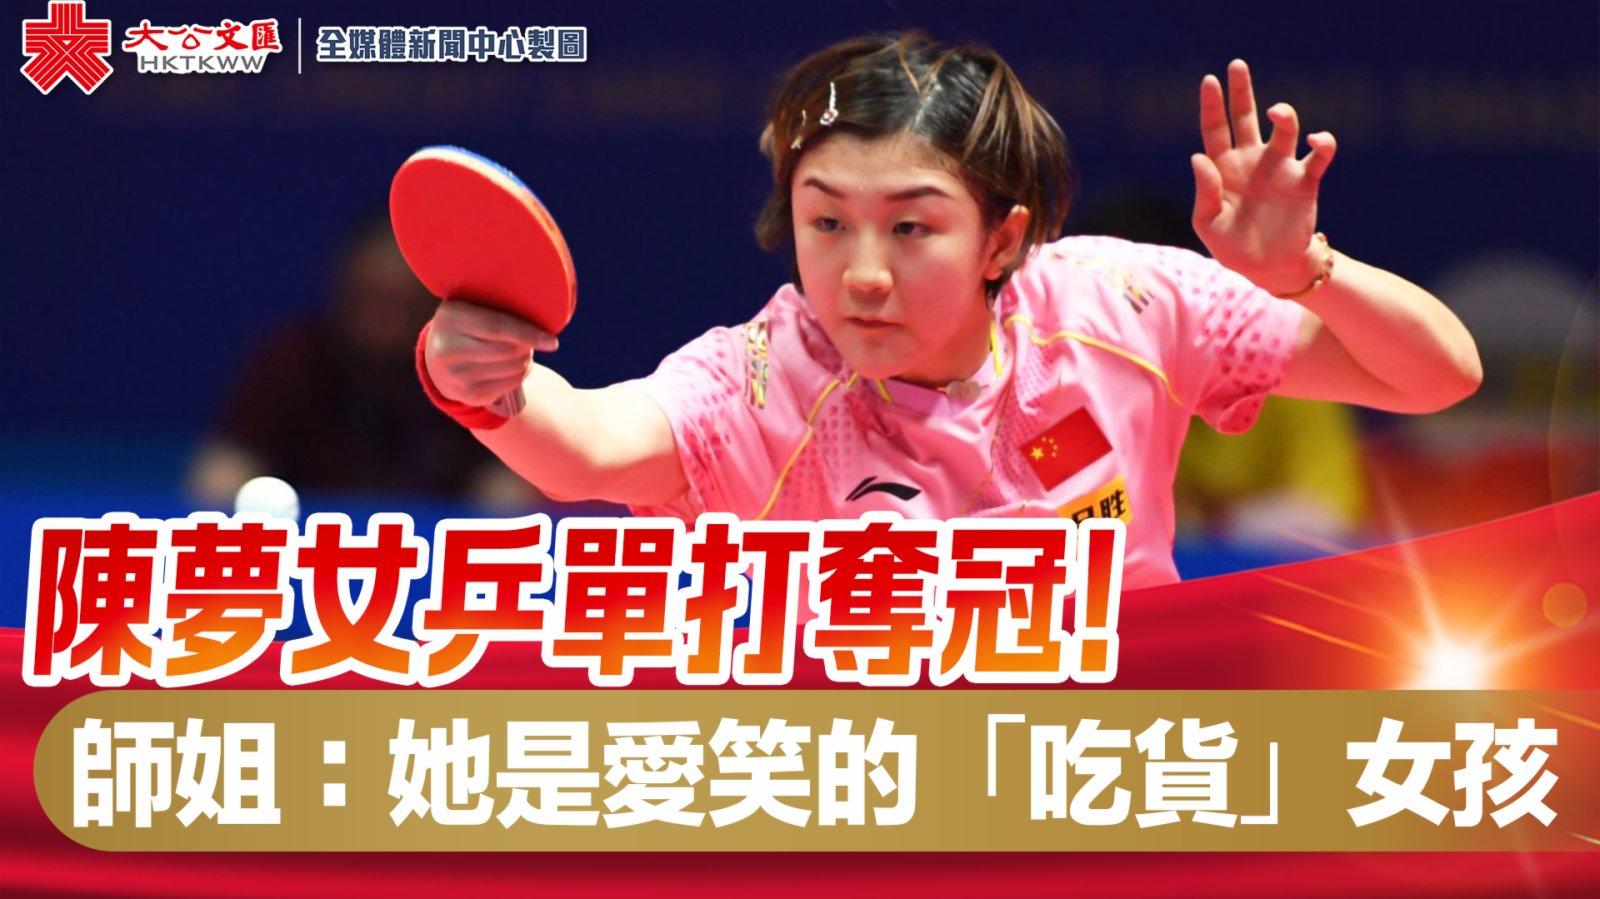 陳夢女乒單打奪冠! 師姐:她是愛笑的「吃貨」女孩